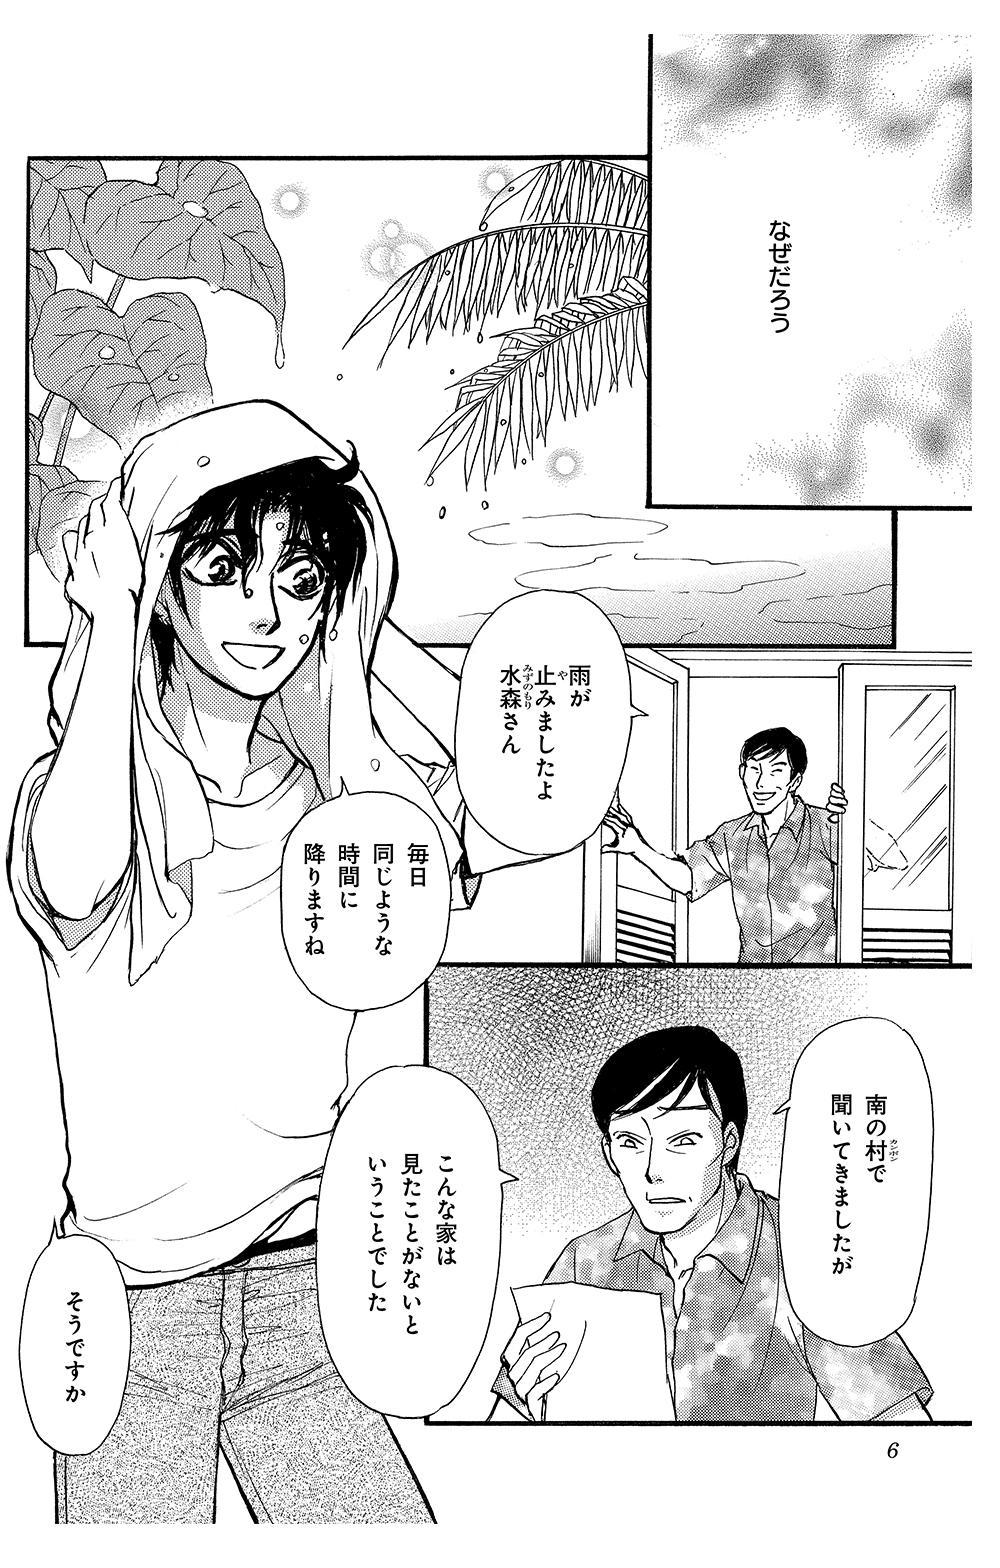 くにのまほろば 第1話 ①kunimaho01-05.jpg